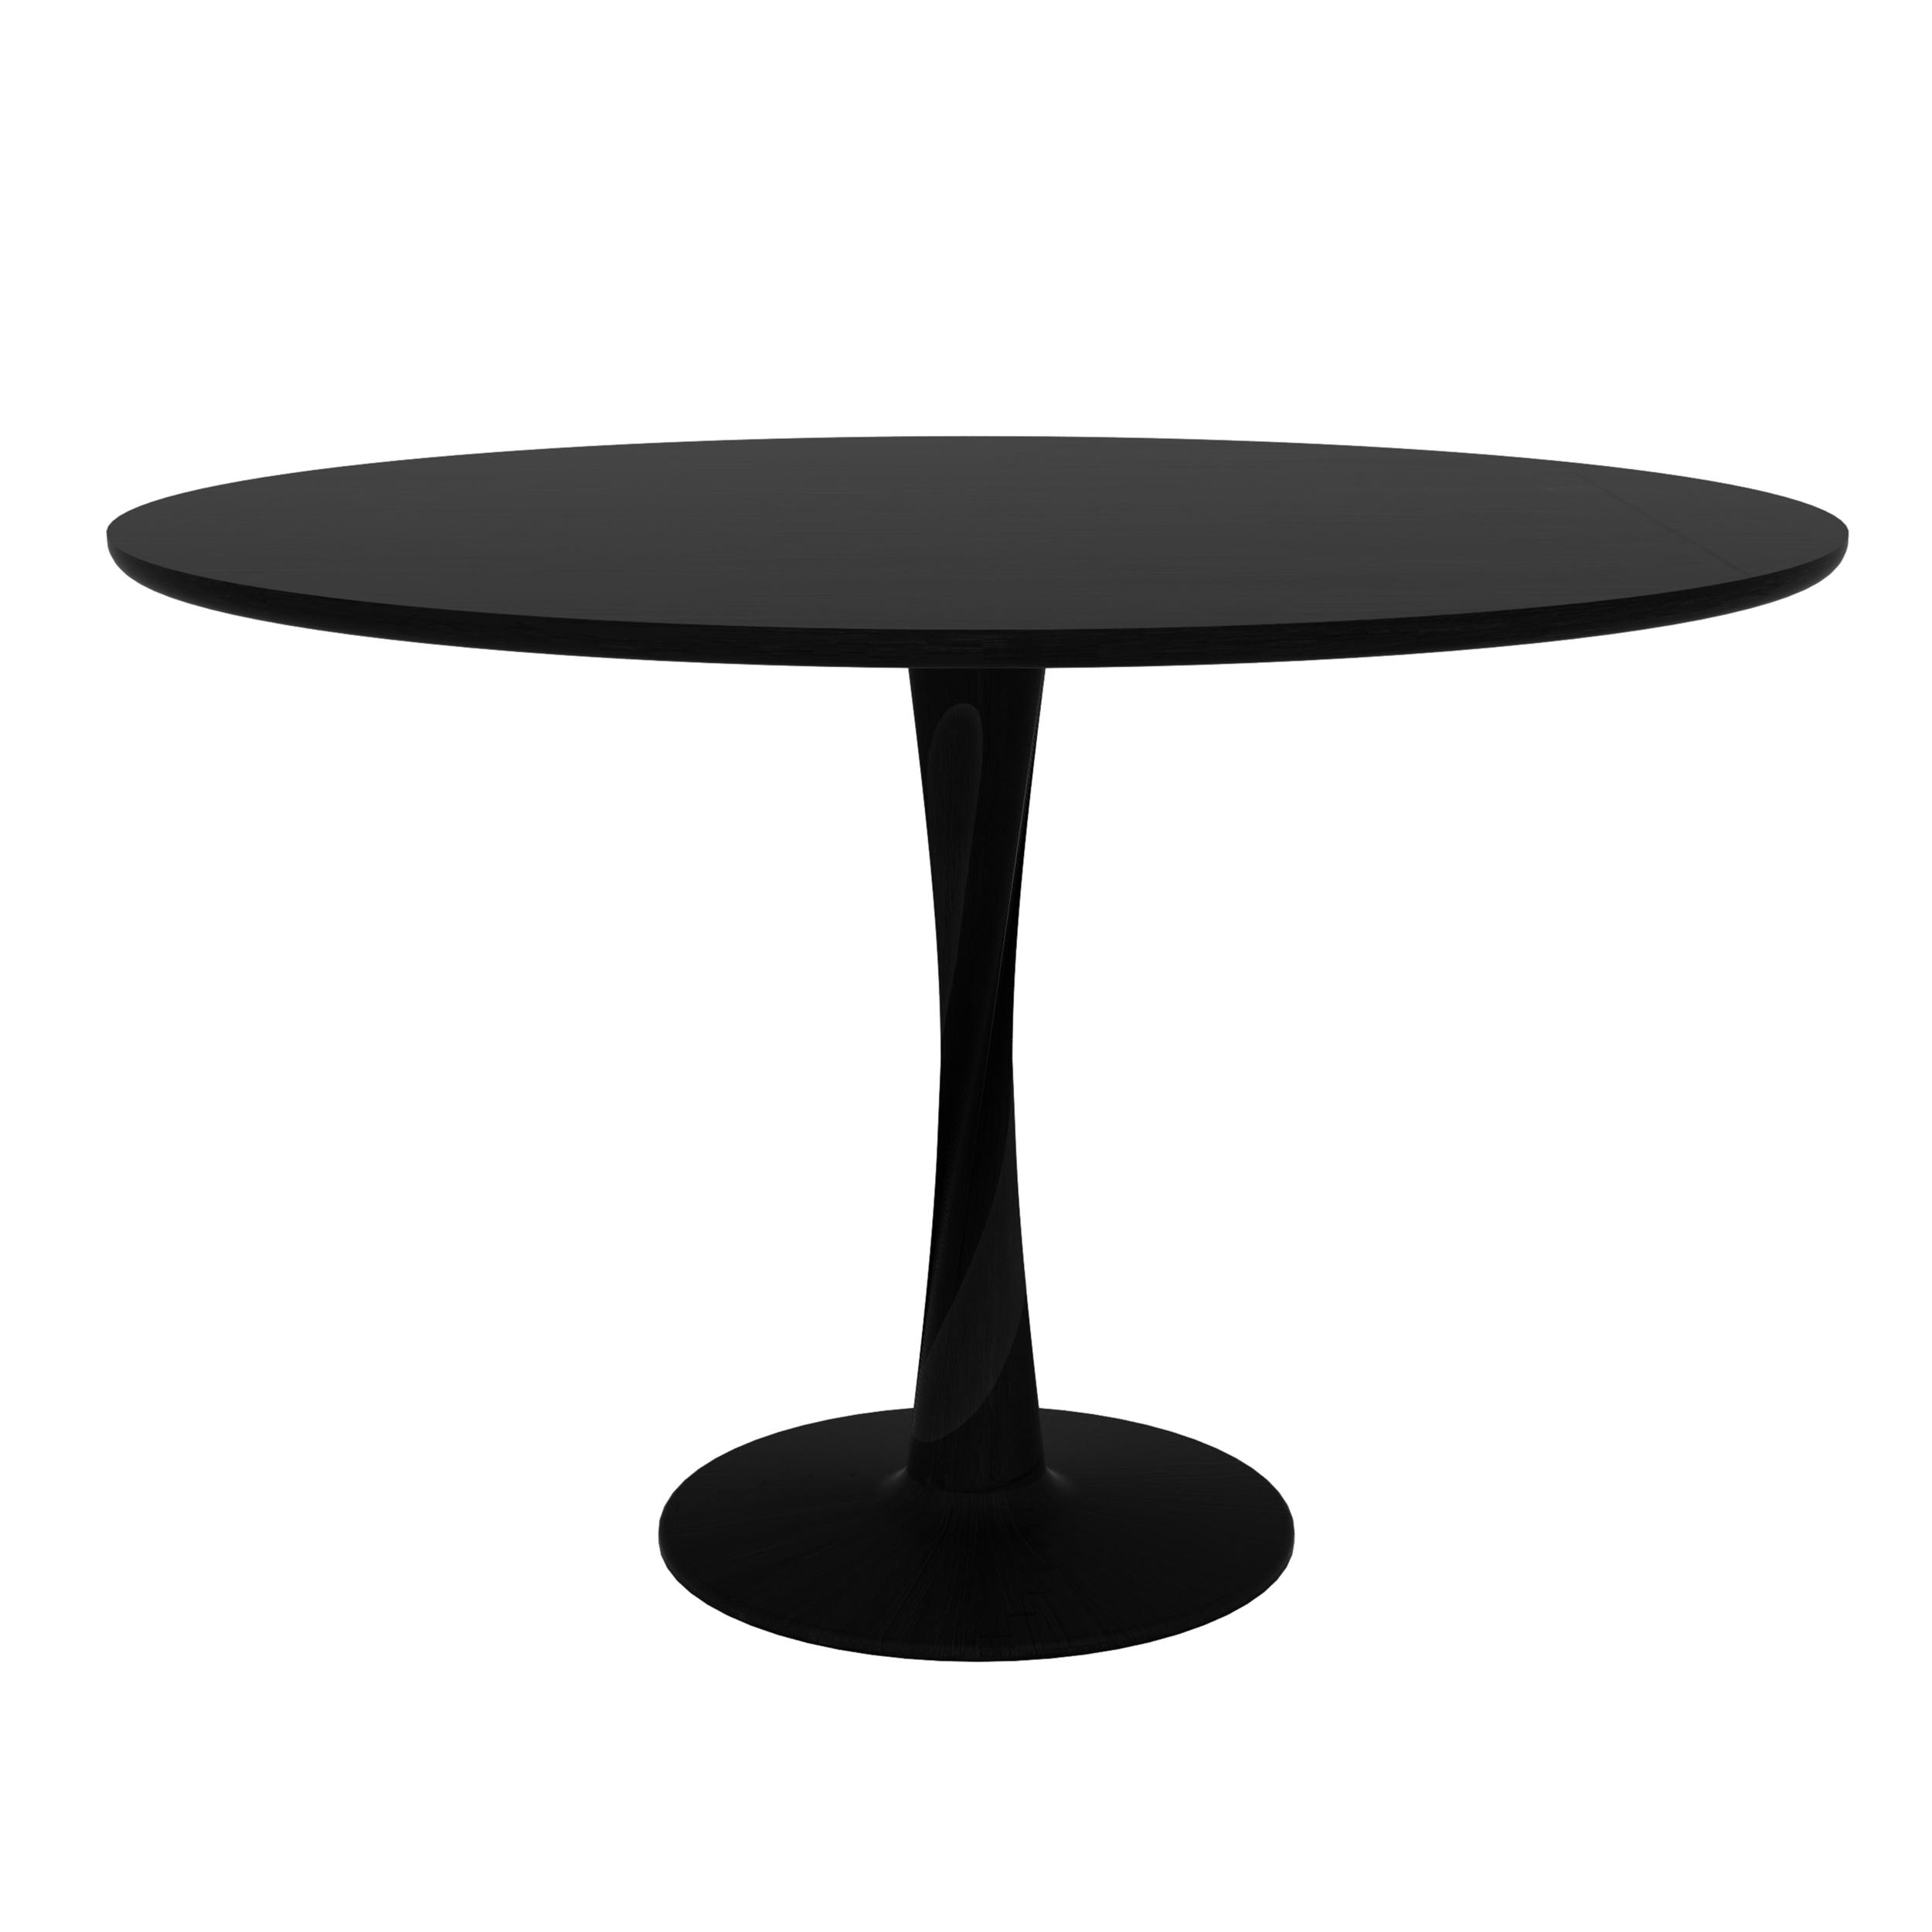 50012 Torsion dining table - Oak black.jpg.png